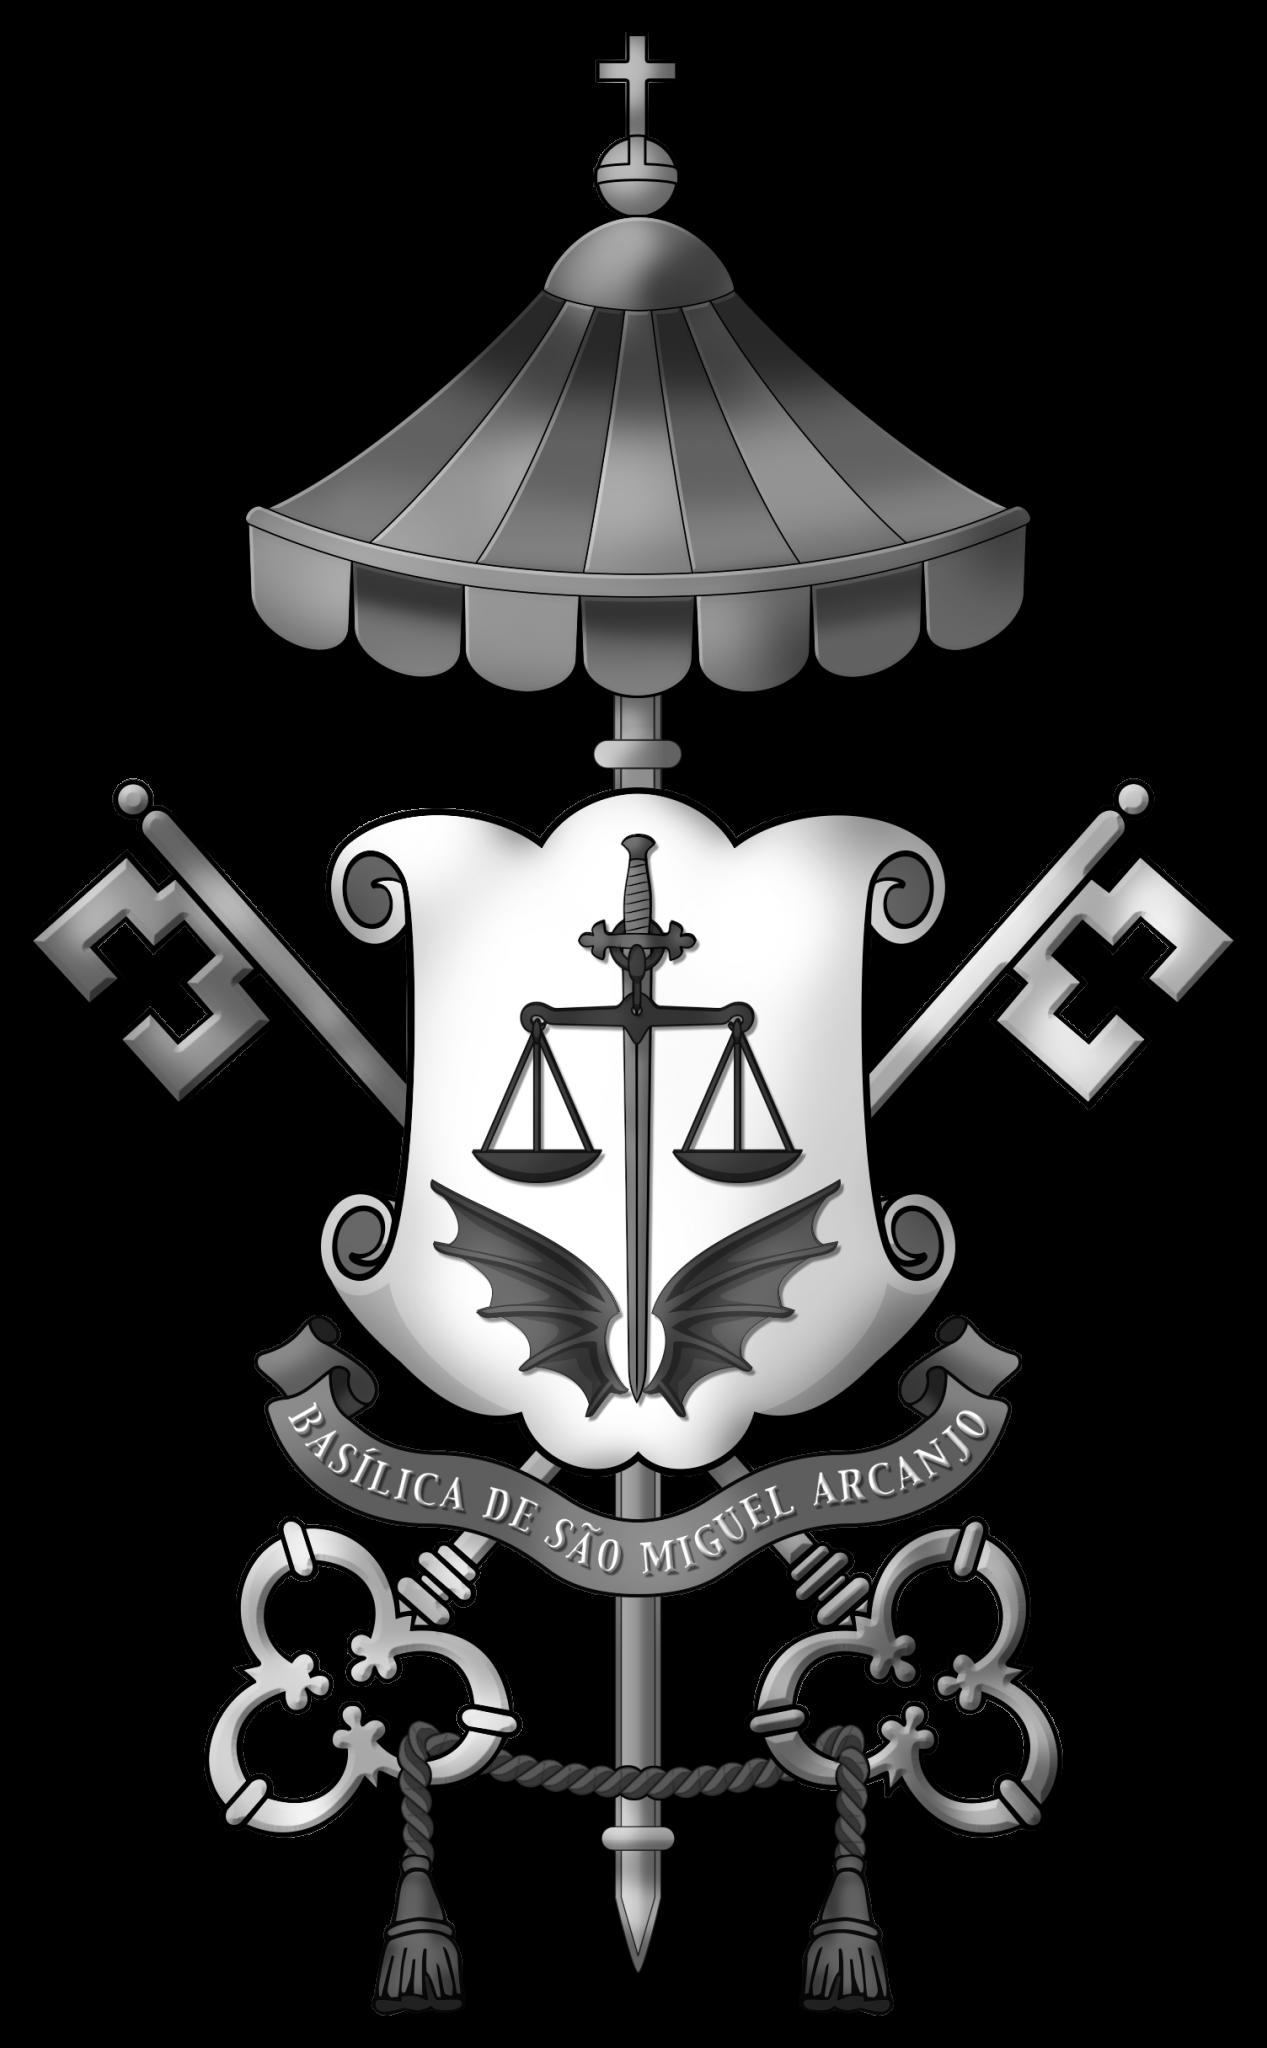 Basília de São Miguel Arcanjo